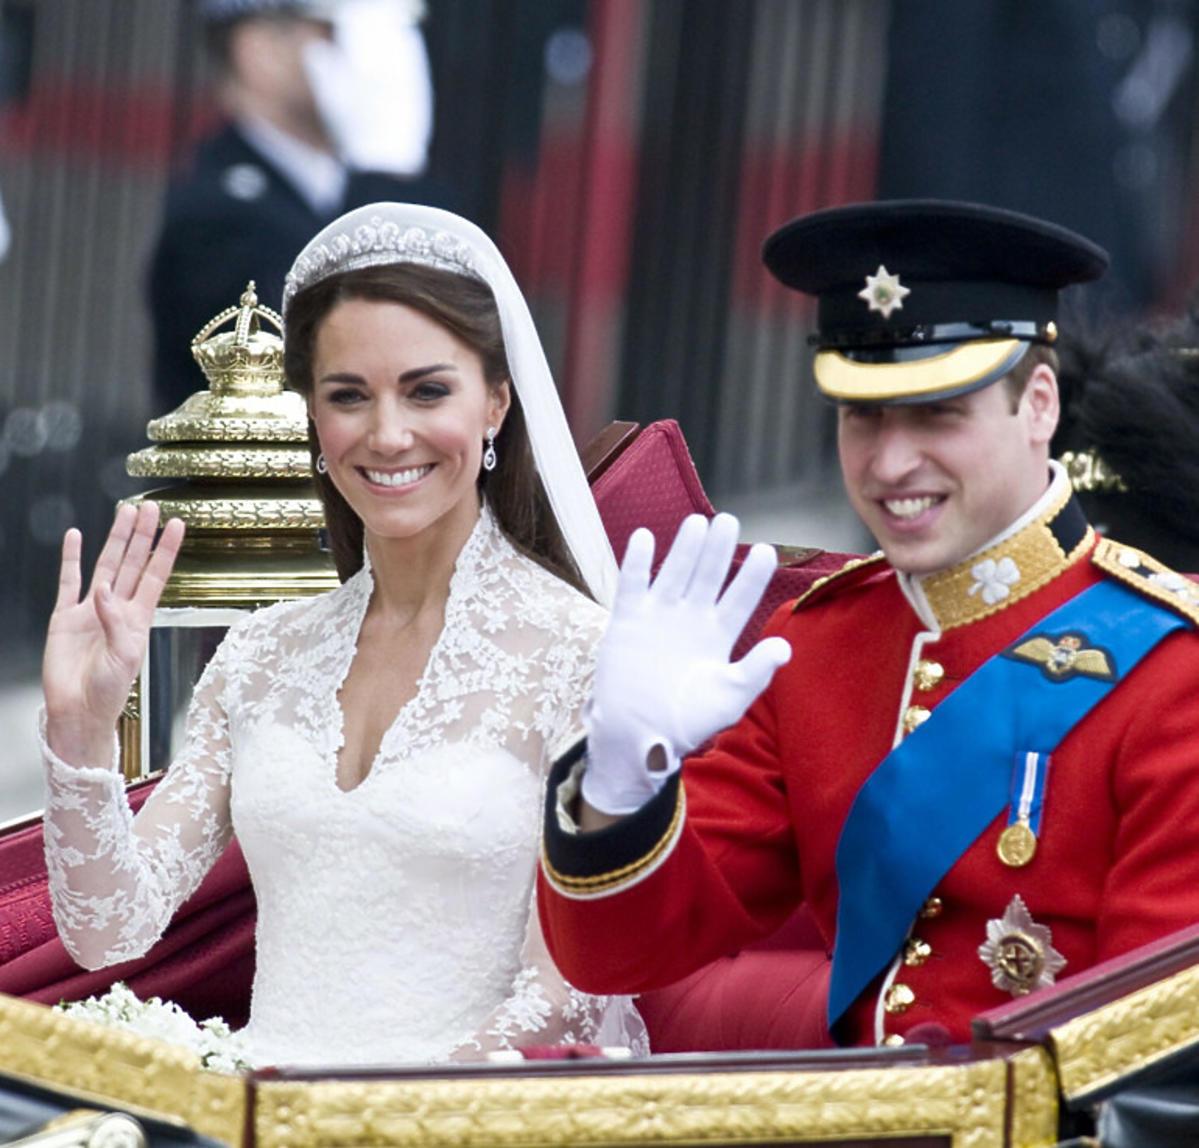 Książę William i księżna Kate tuż po ślubie jadą karocą